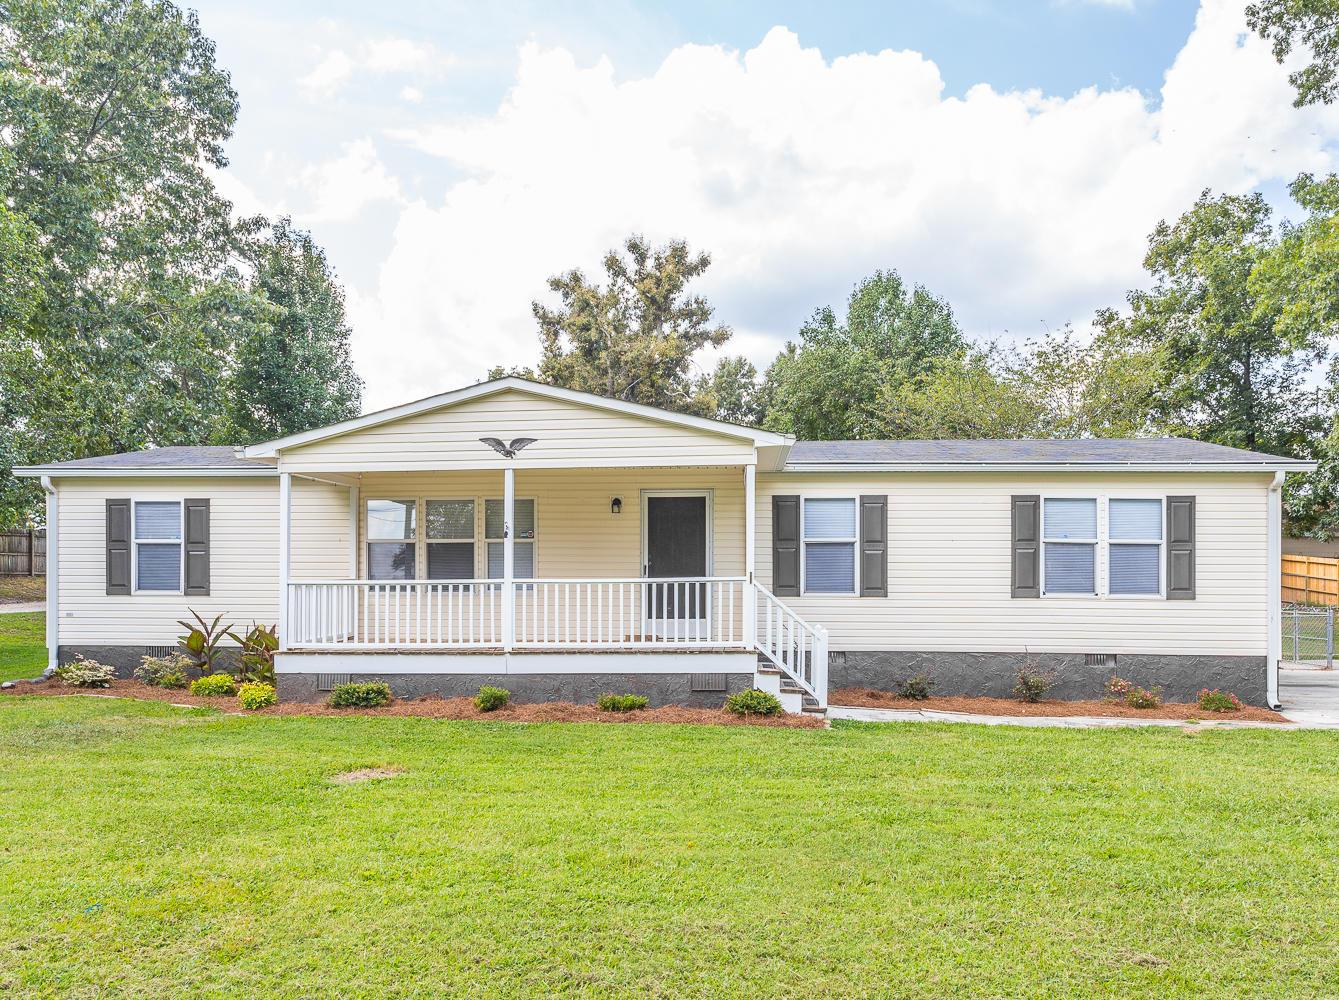 1142 Vittitoe Rd, Chickamauga, GA 30707